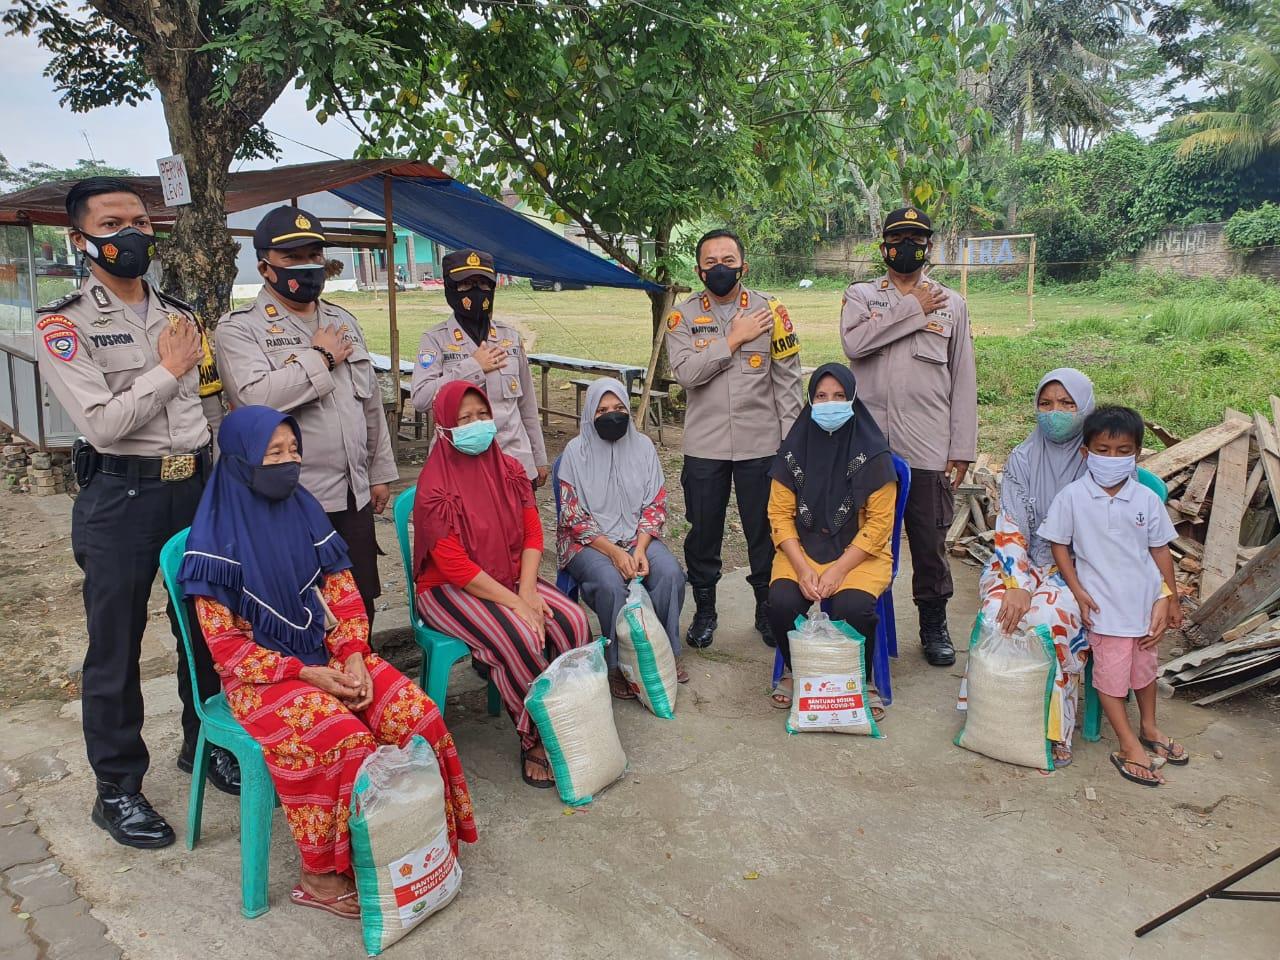 Gambar Personil Polres Serang Bagikan Sembako Serta Beras 10 Kg di Desa Citereup 13